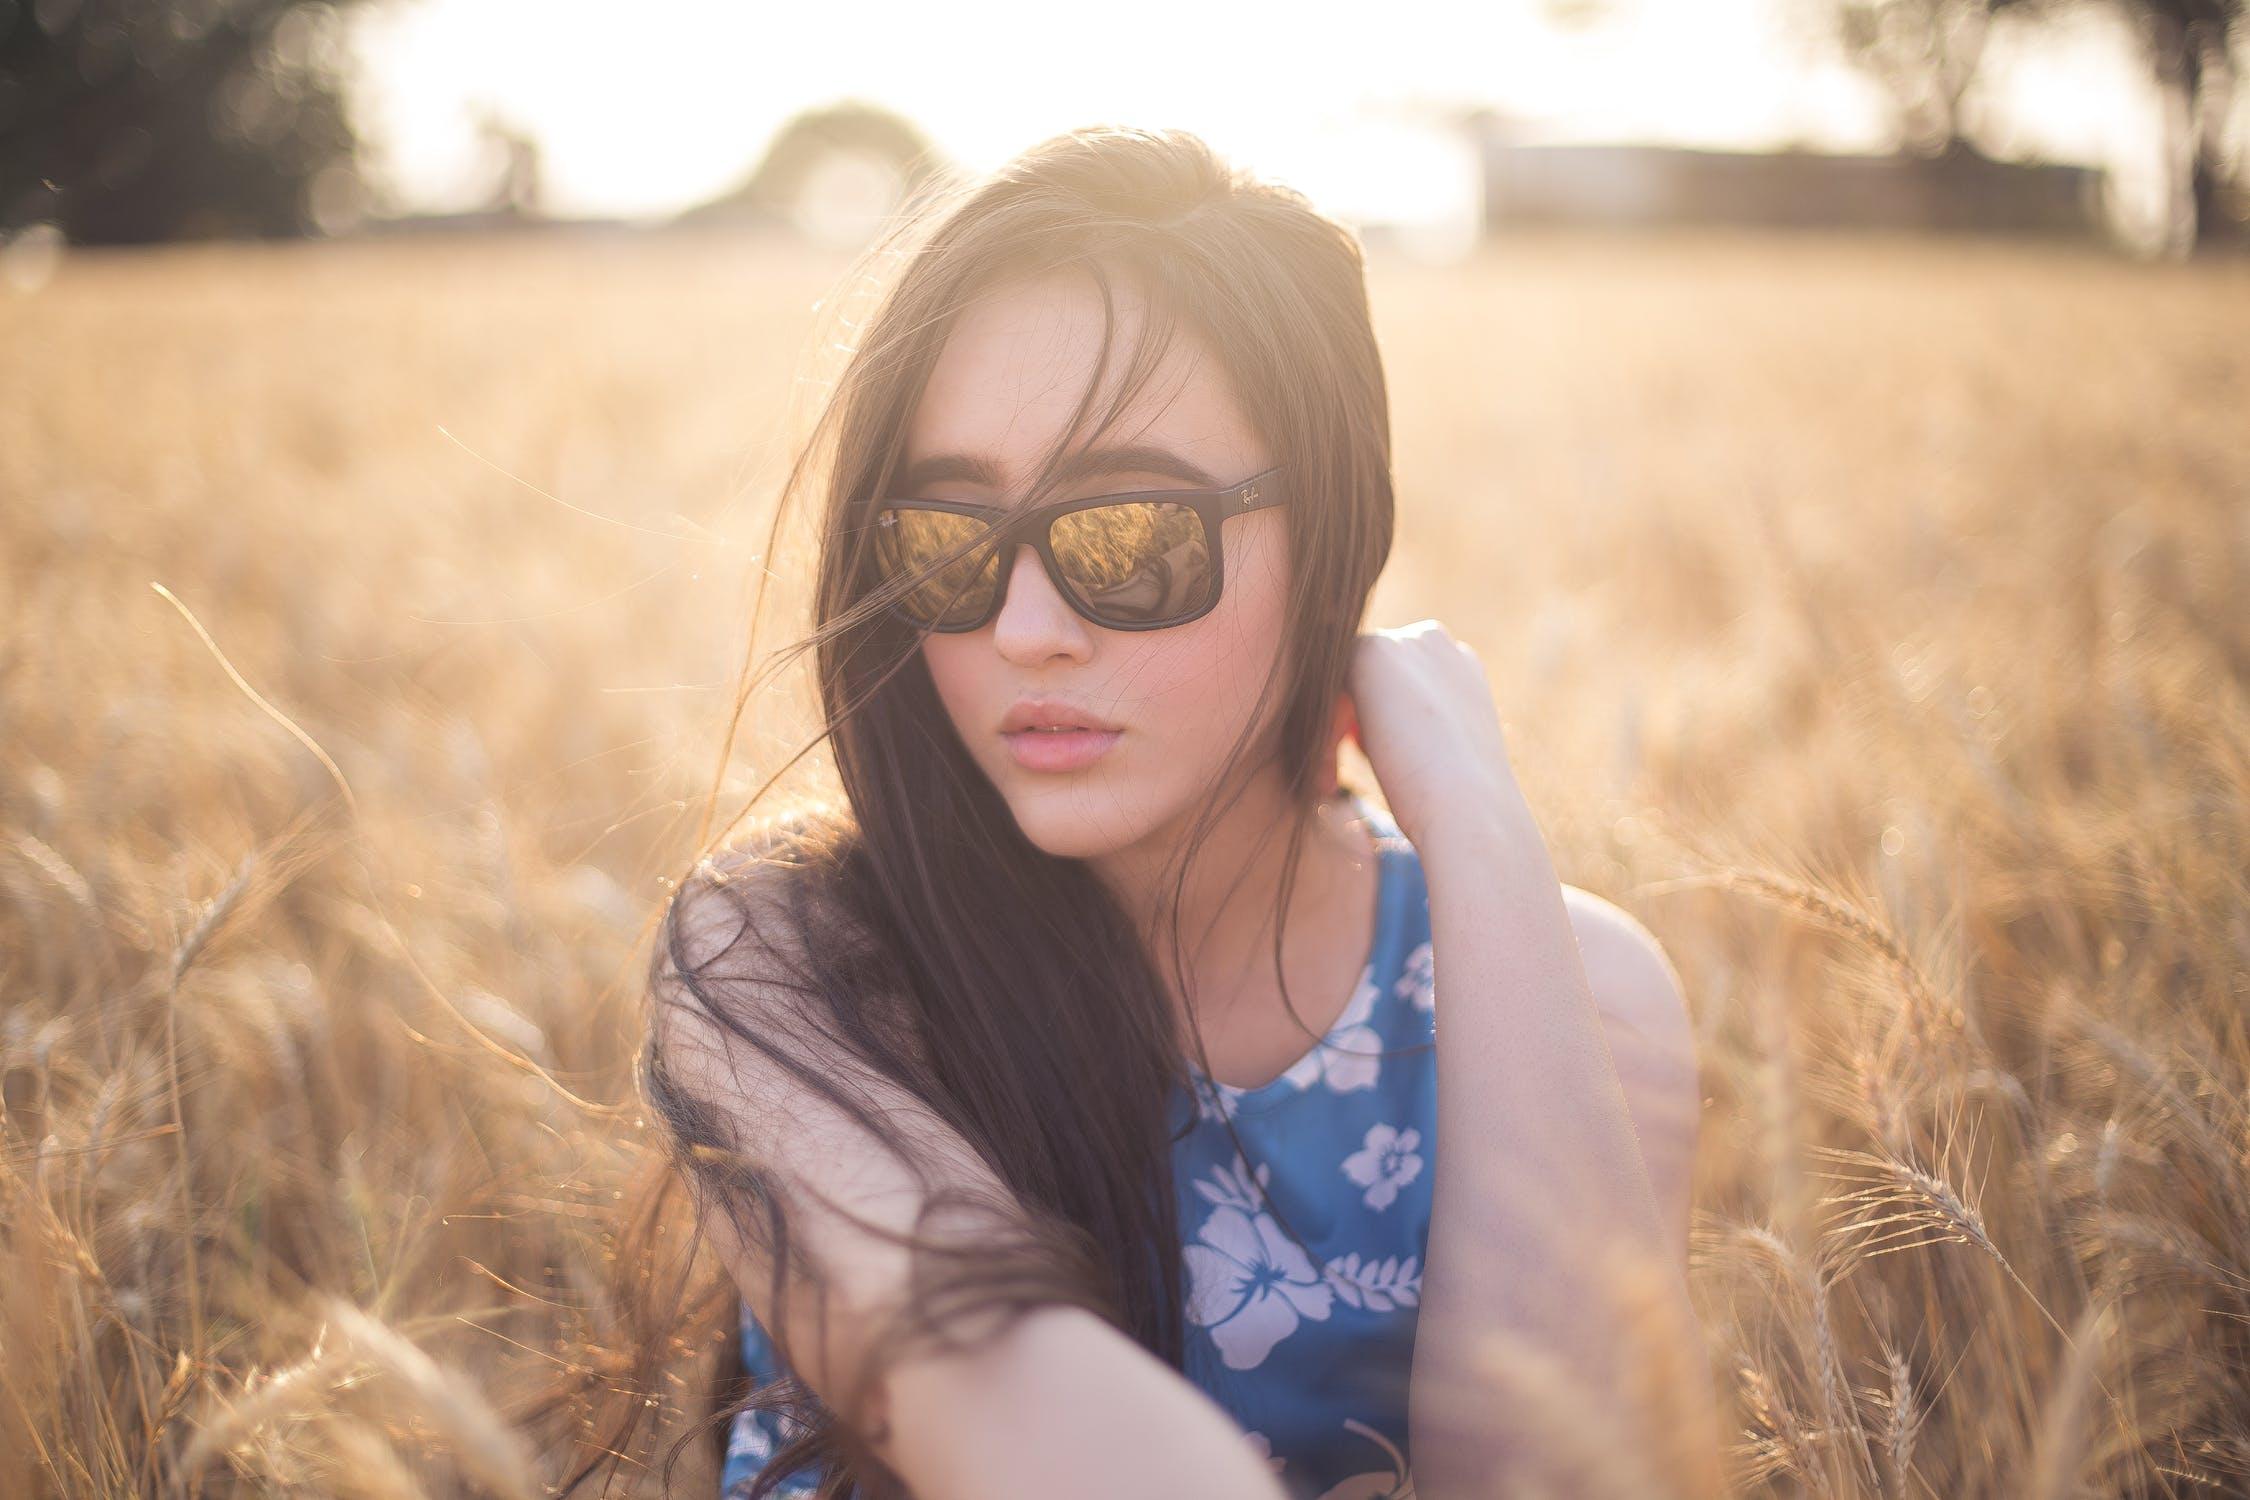 すぐ怒る女に魅力を感じる男はいない!怒りっぽい女は毛嫌いされる。